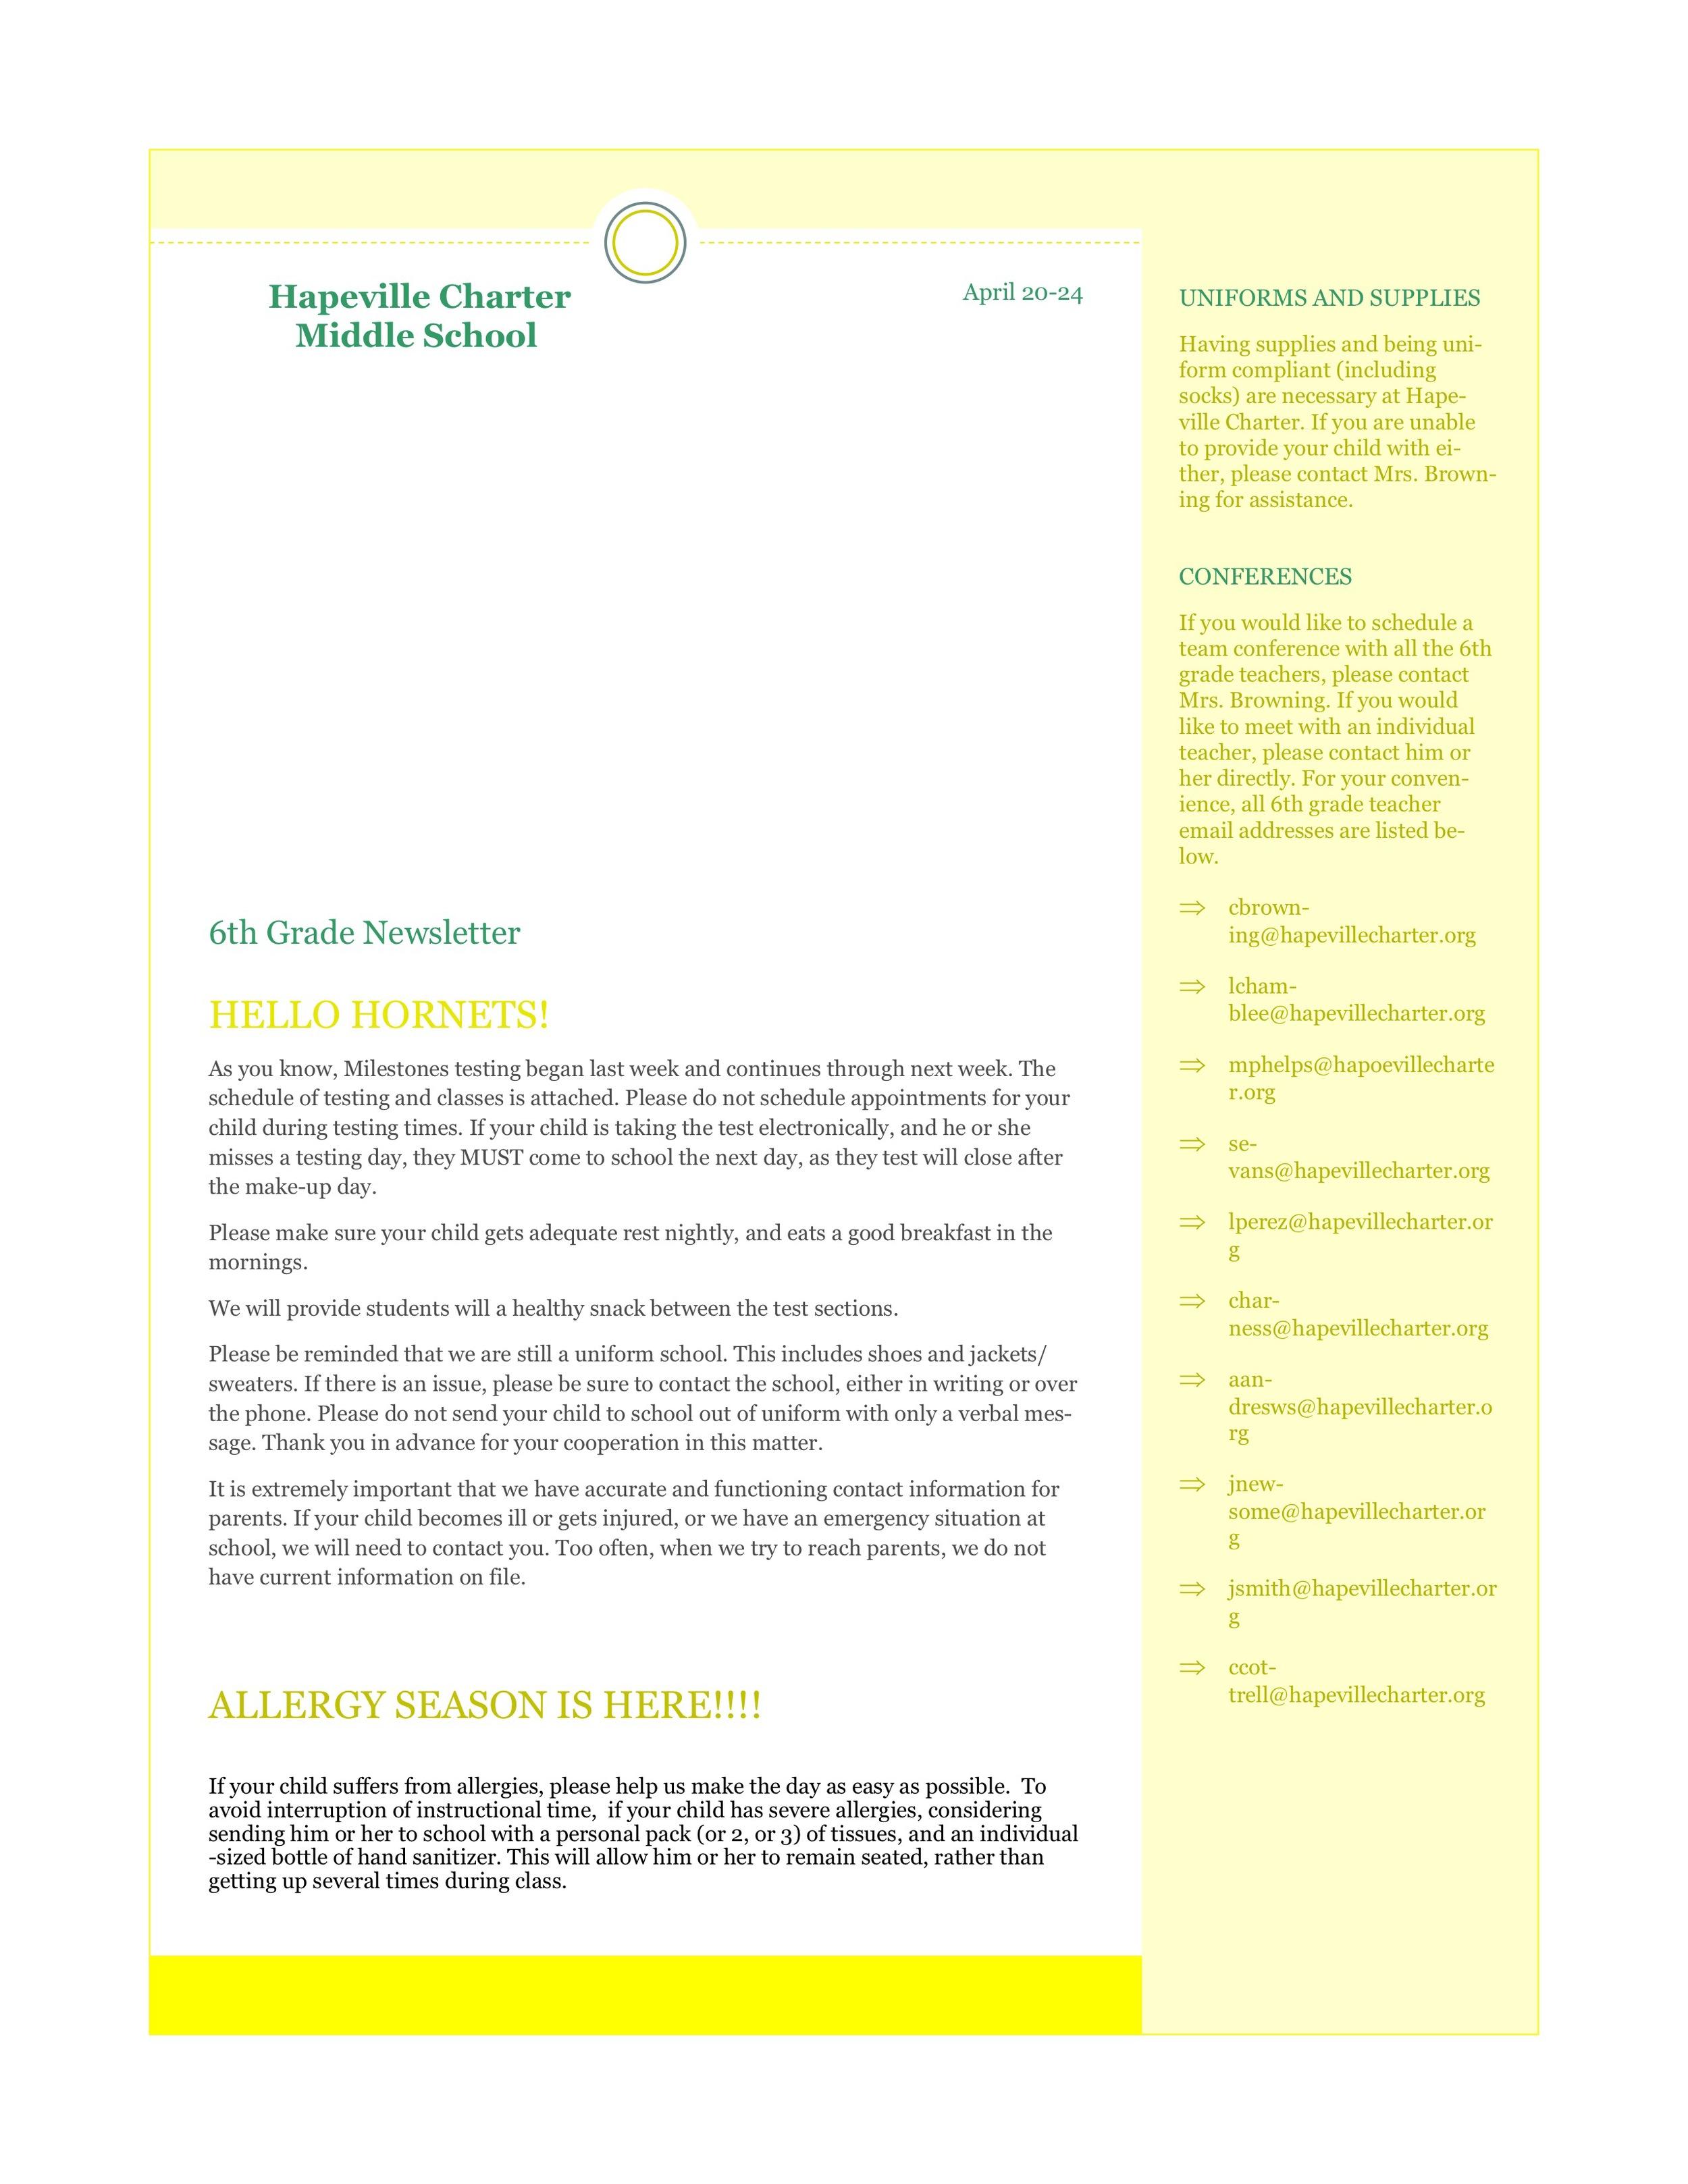 Newsletter Image6th grade April 20-24.jpeg